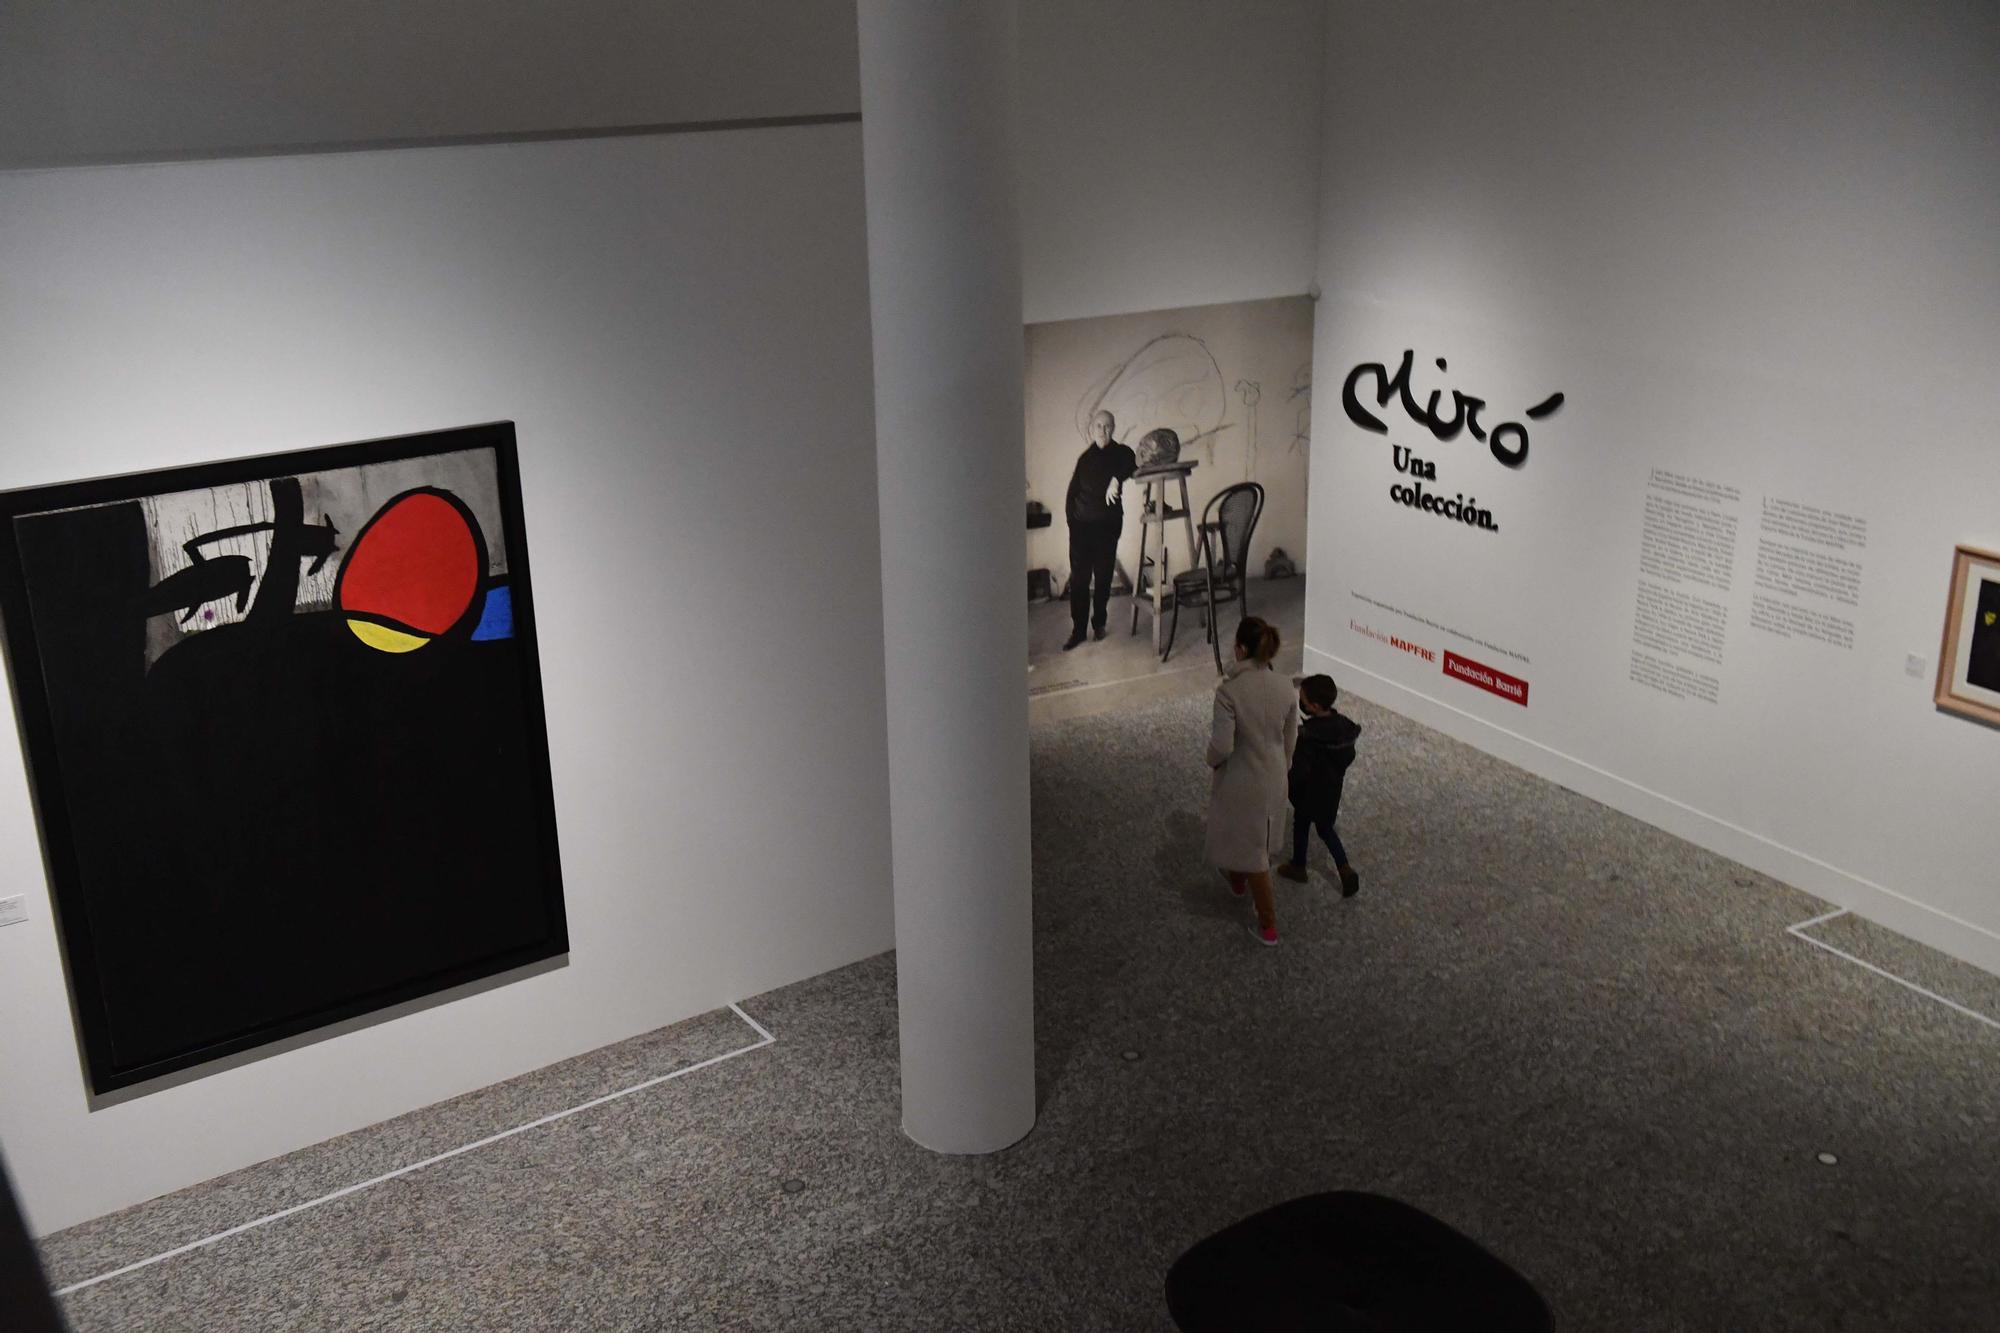 La Fundación Barrié inaugura su exposición de Miró